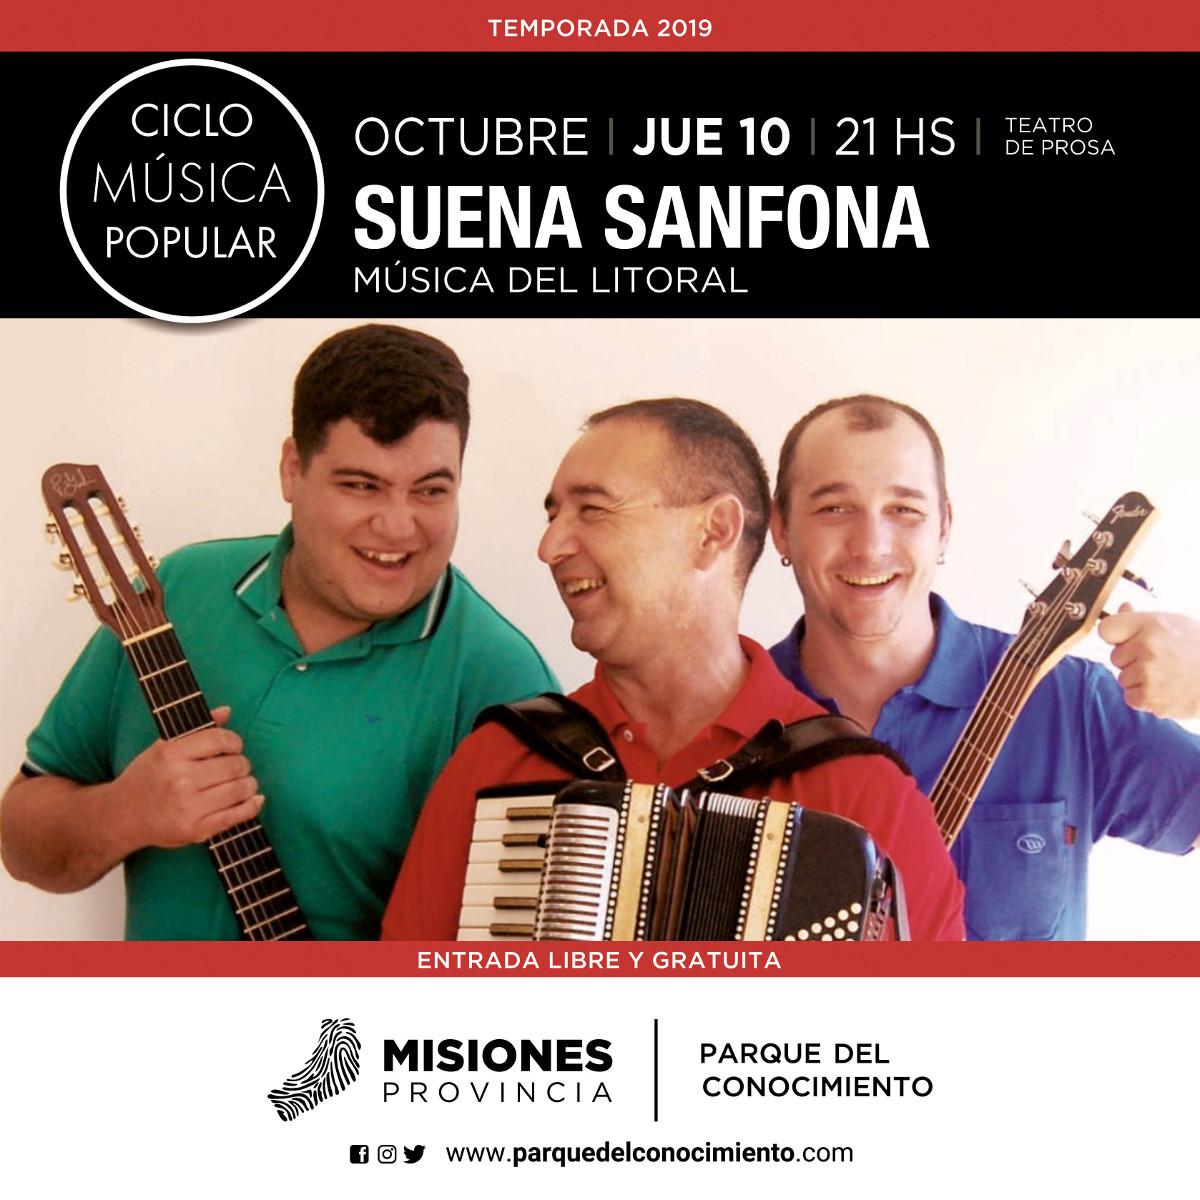 El grupo Suena Sanfona se presenta este jueves en el marco del Ciclo de Música Popular